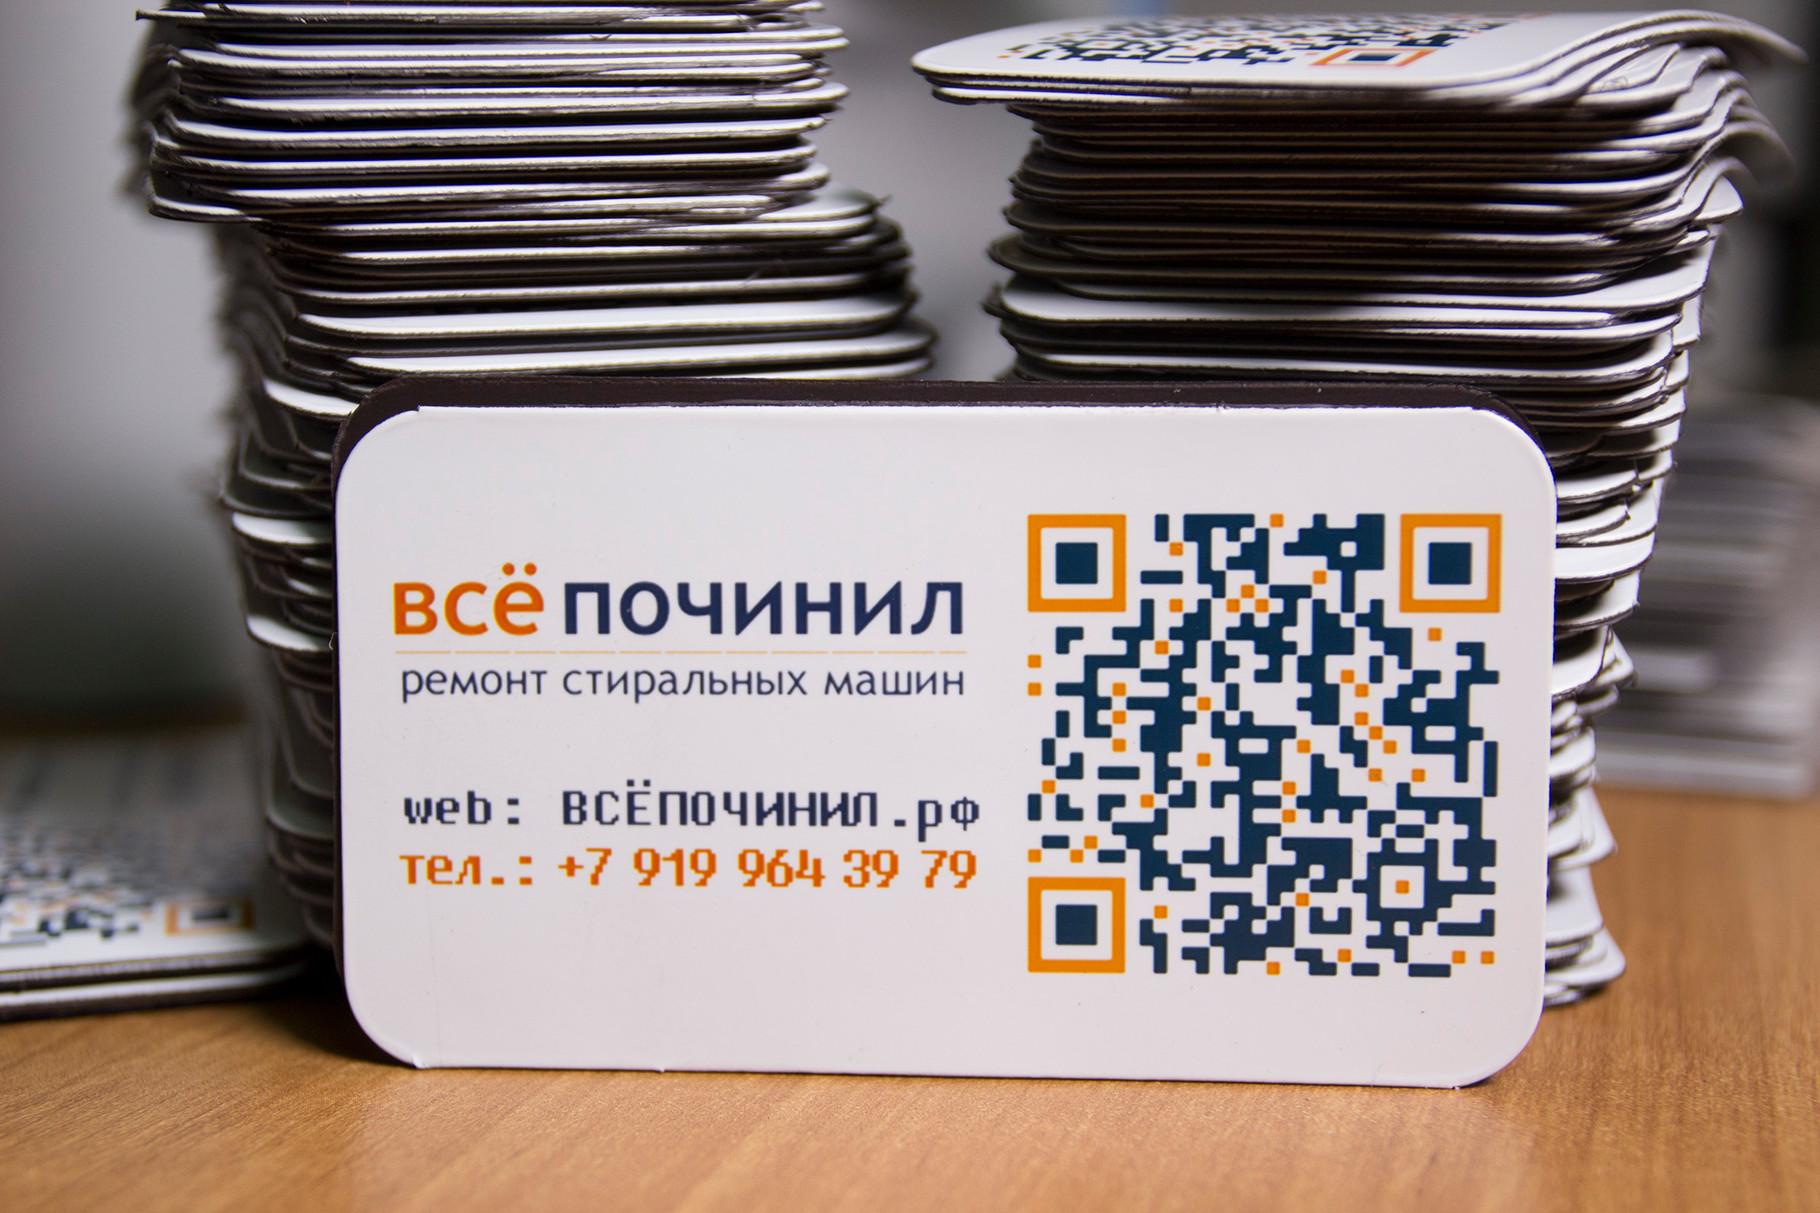 Печать и изготовление магнитных визиток в Москве   фото 4